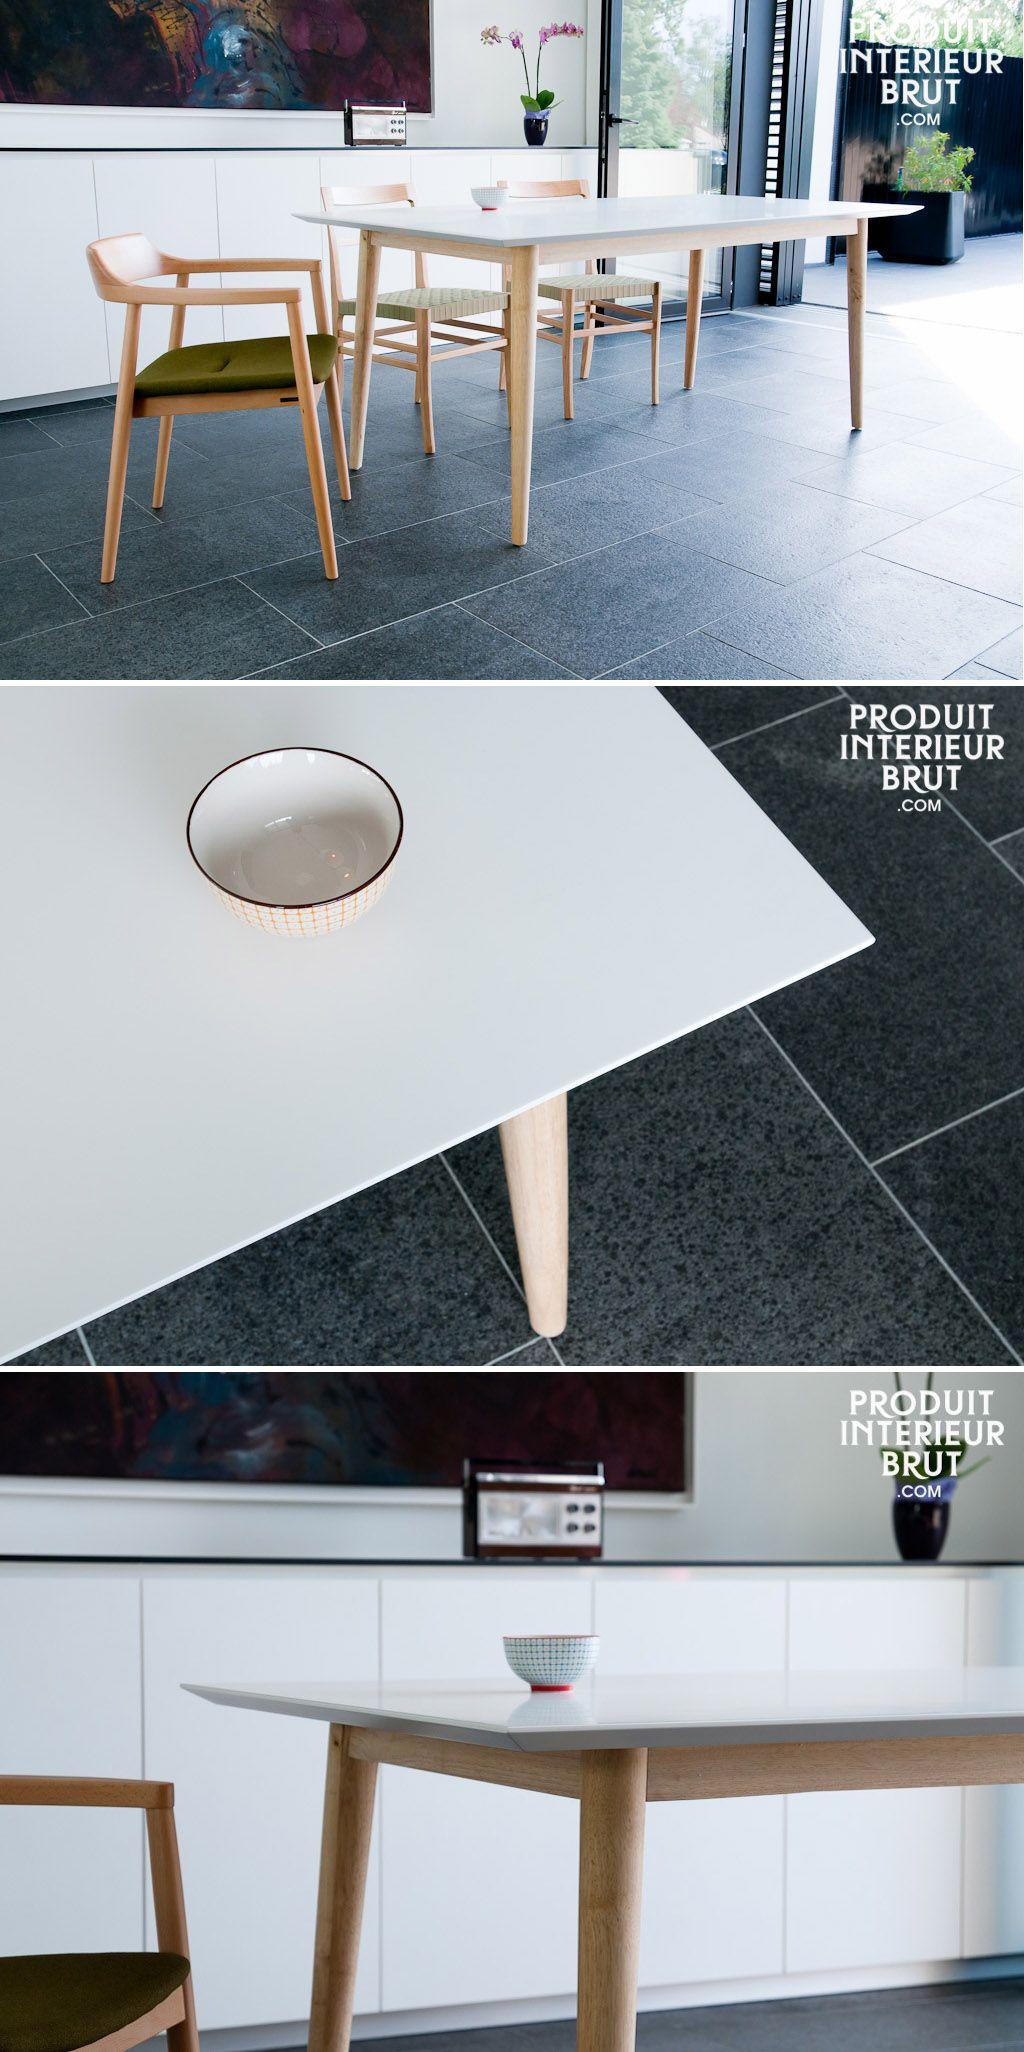 holztisch fjord skandinavisch lebensart design tisch und skandinavisches design. Black Bedroom Furniture Sets. Home Design Ideas